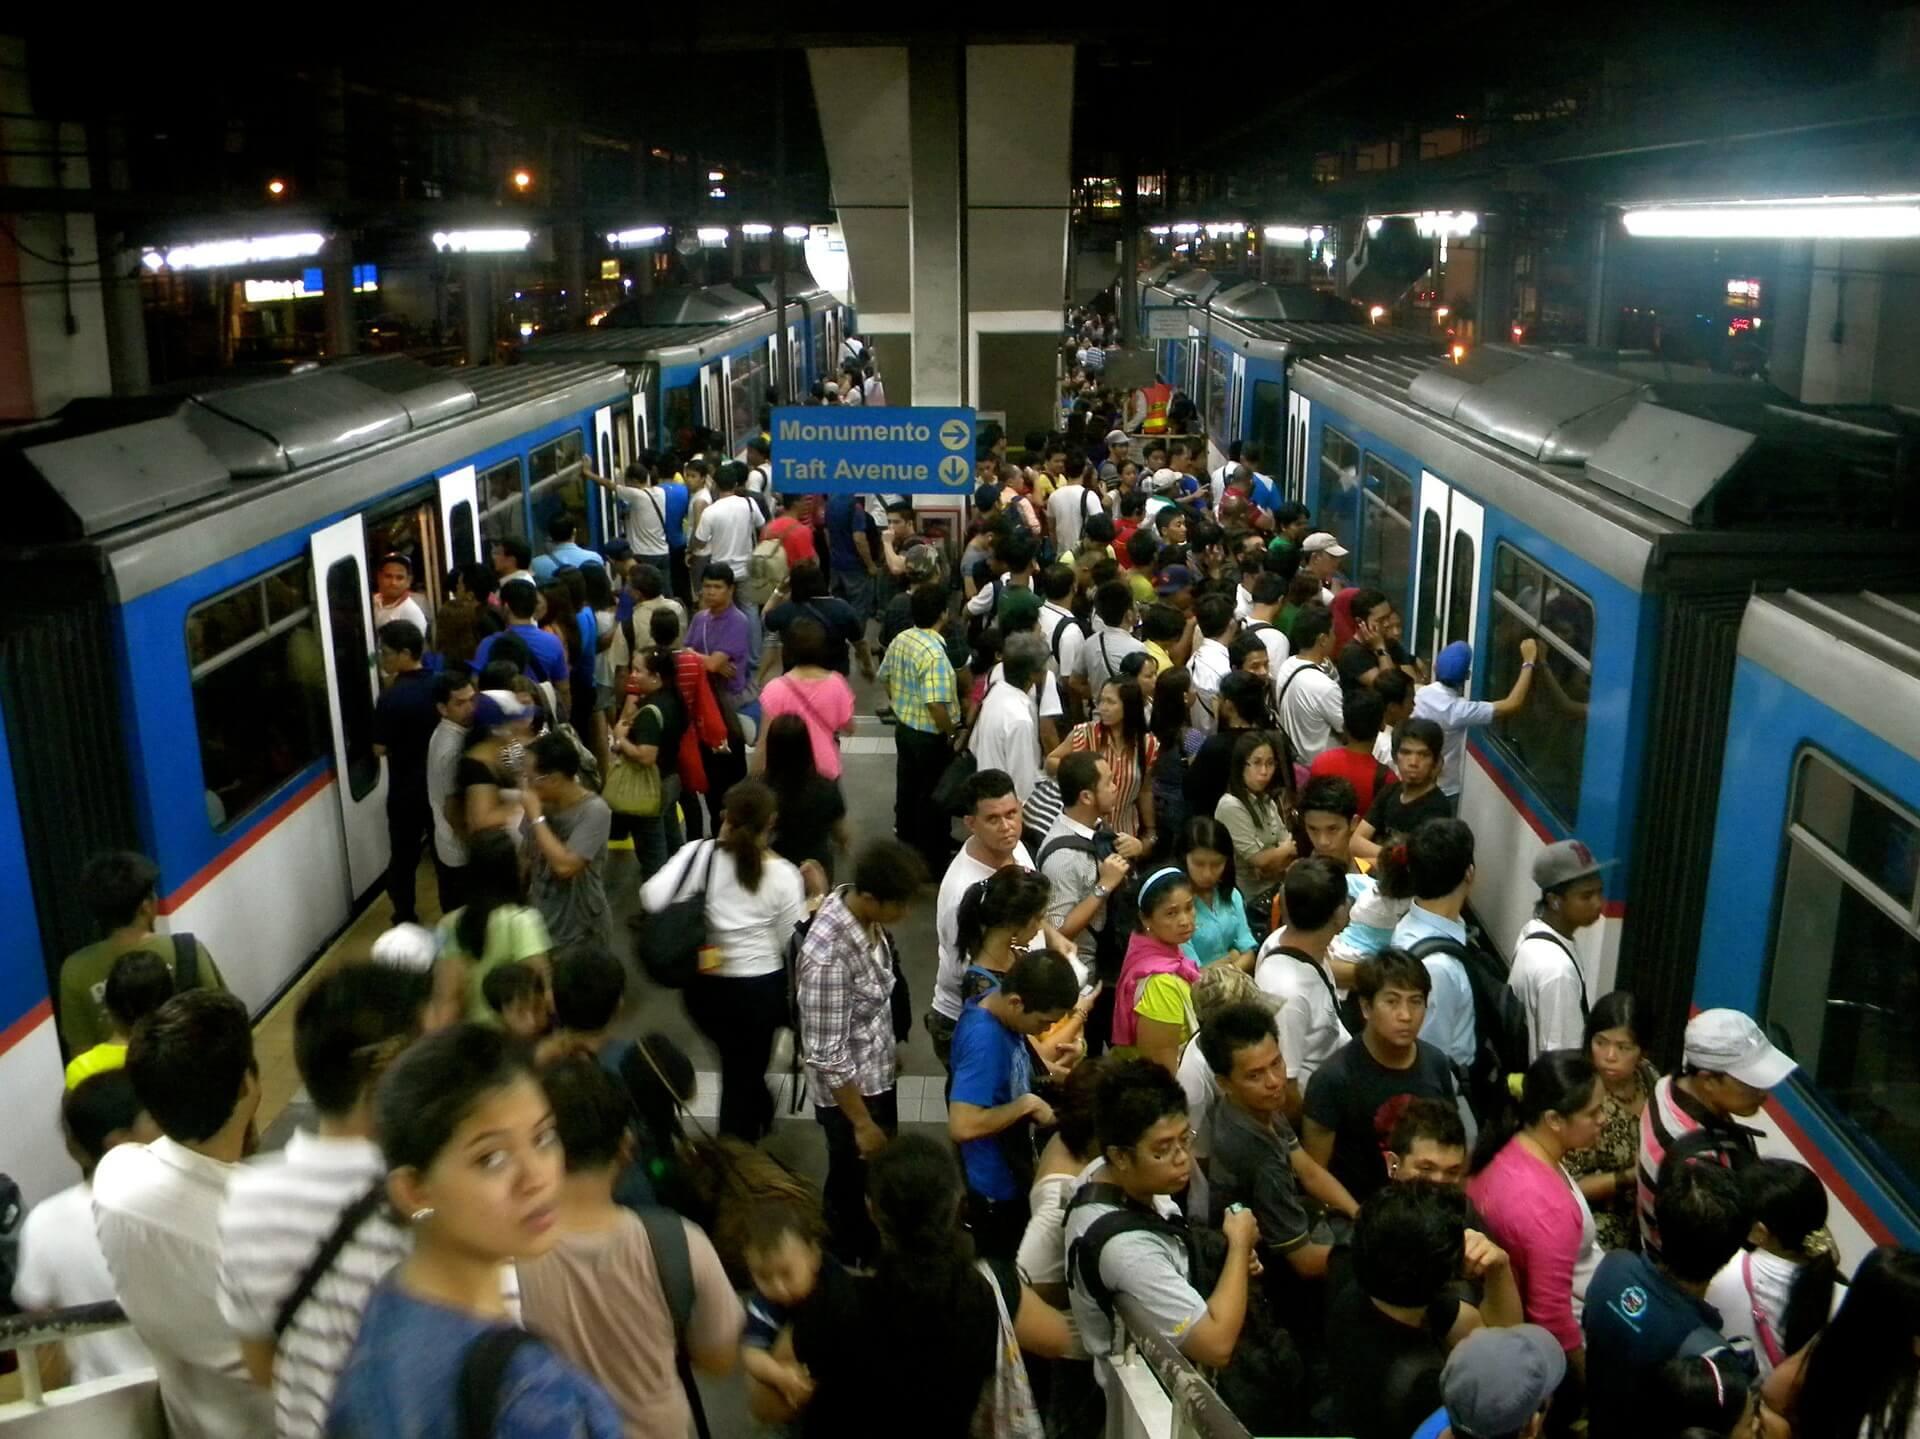 Commuter rush